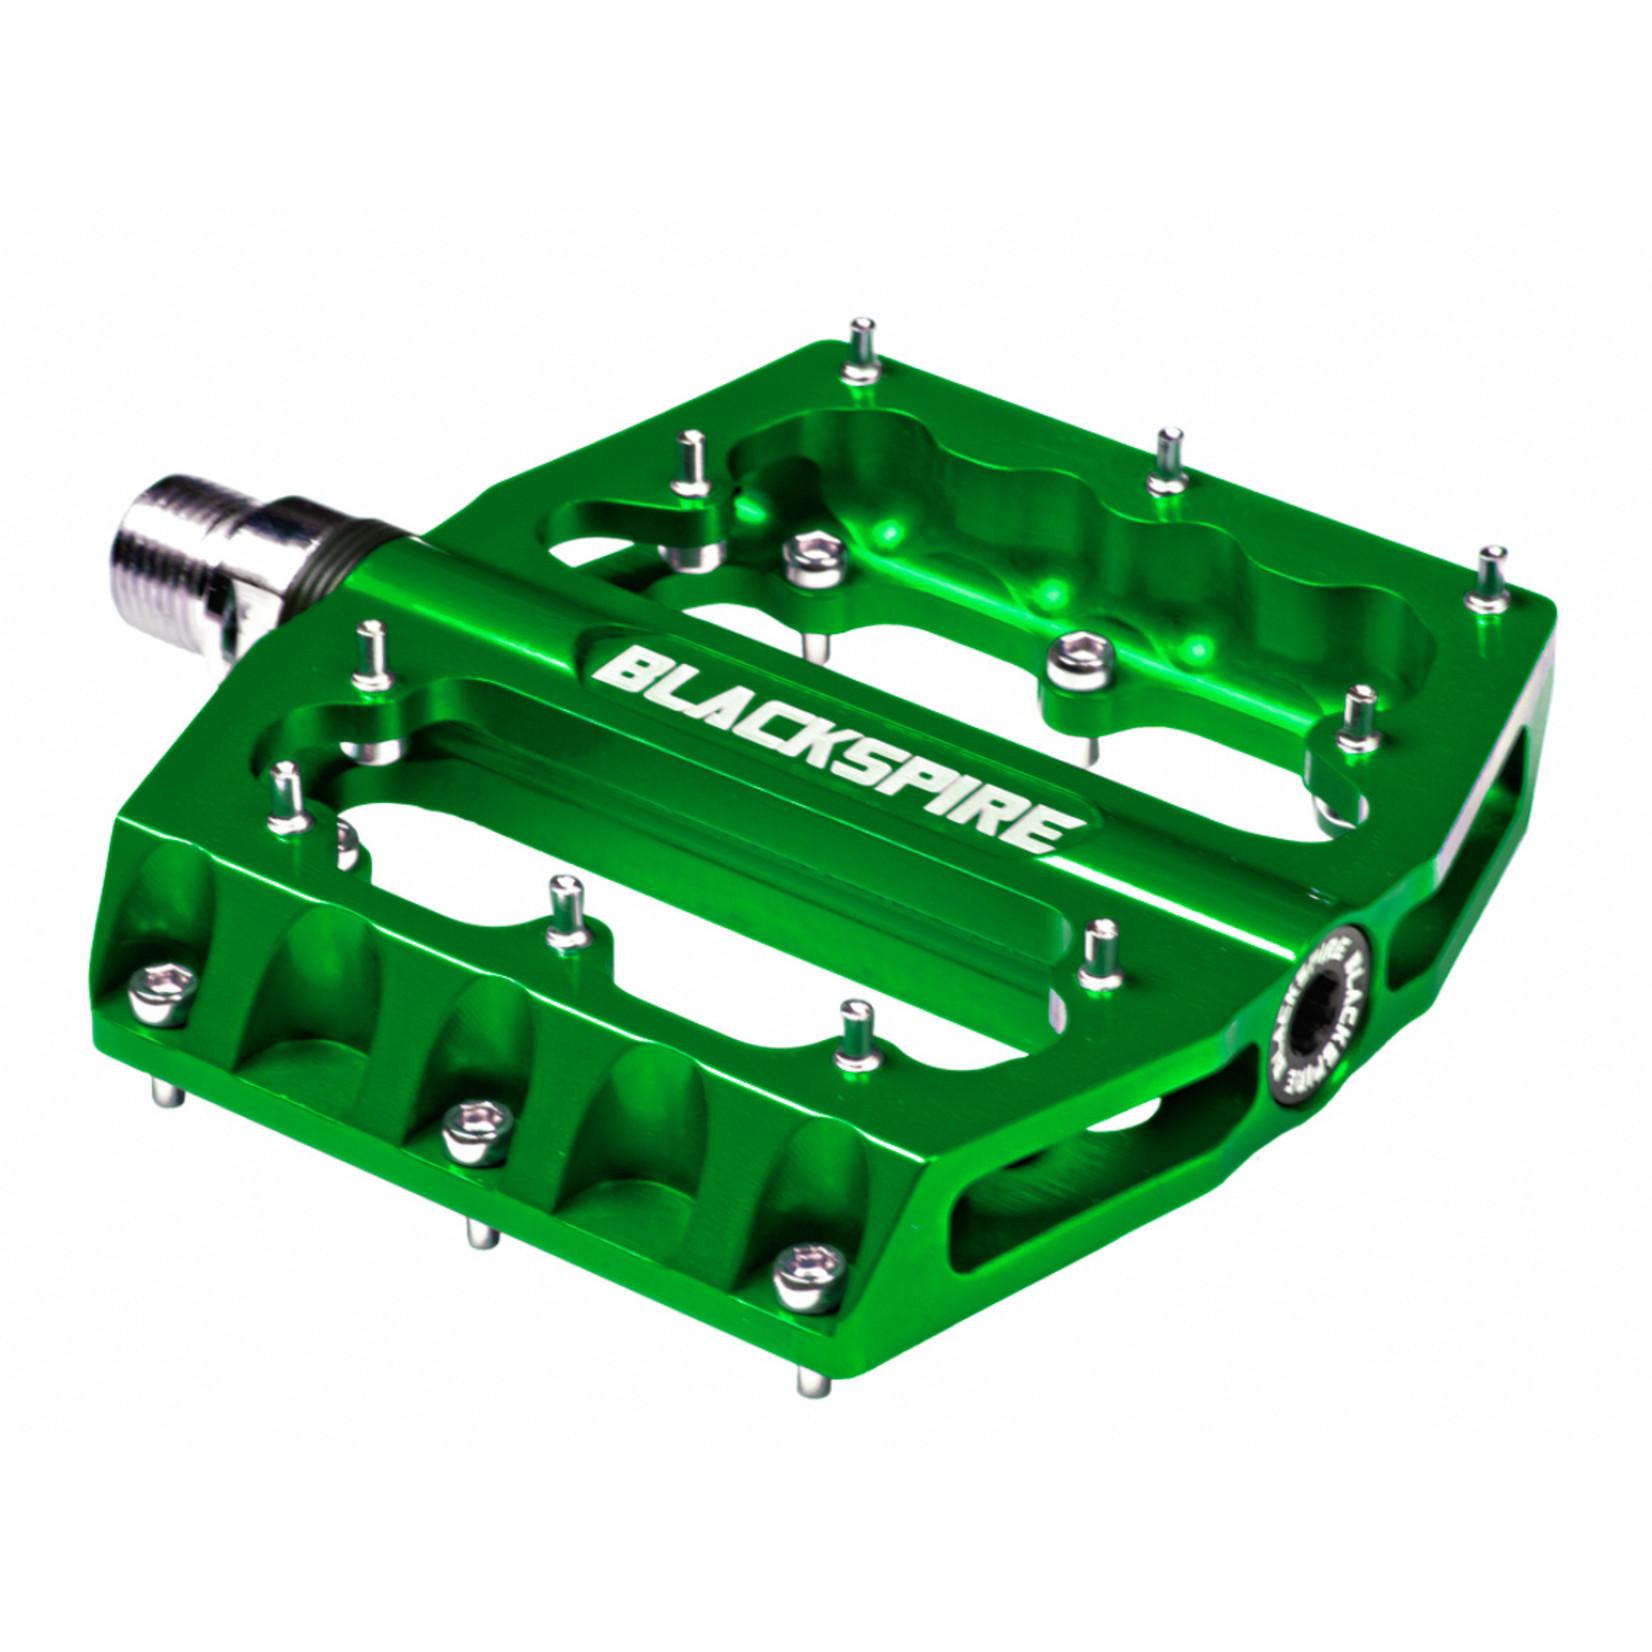 Blackspire Sub420 Pedal